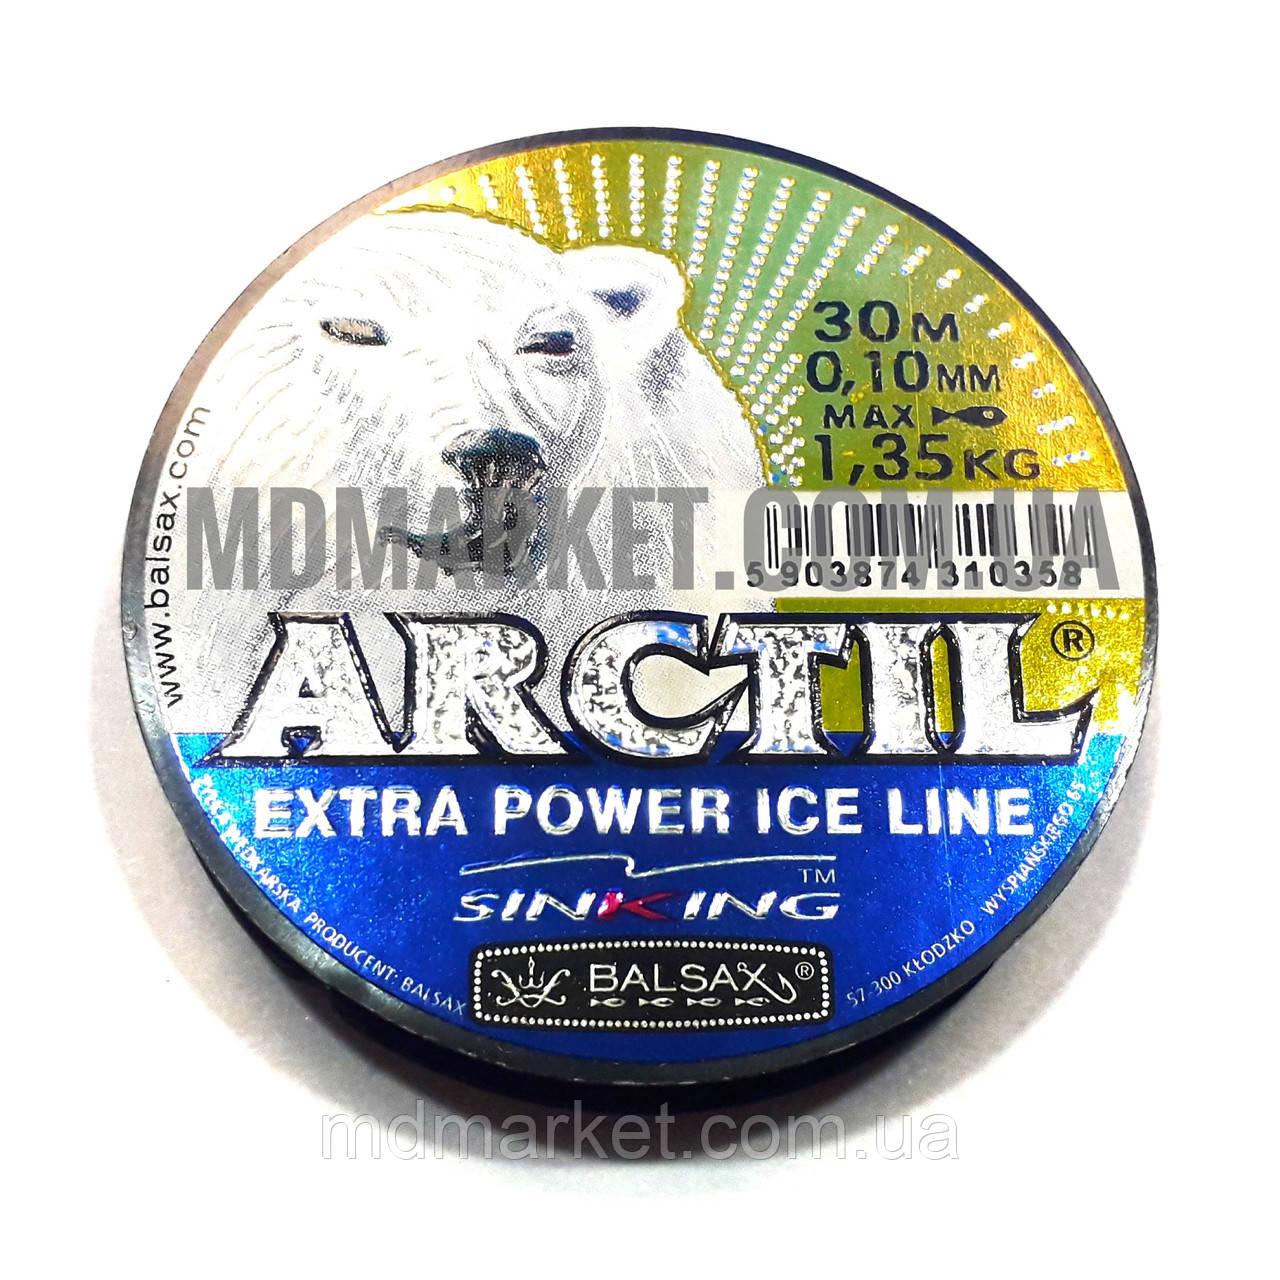 Волосінь Balsax Arctil 30м 0.10 мм, 1,35 кг